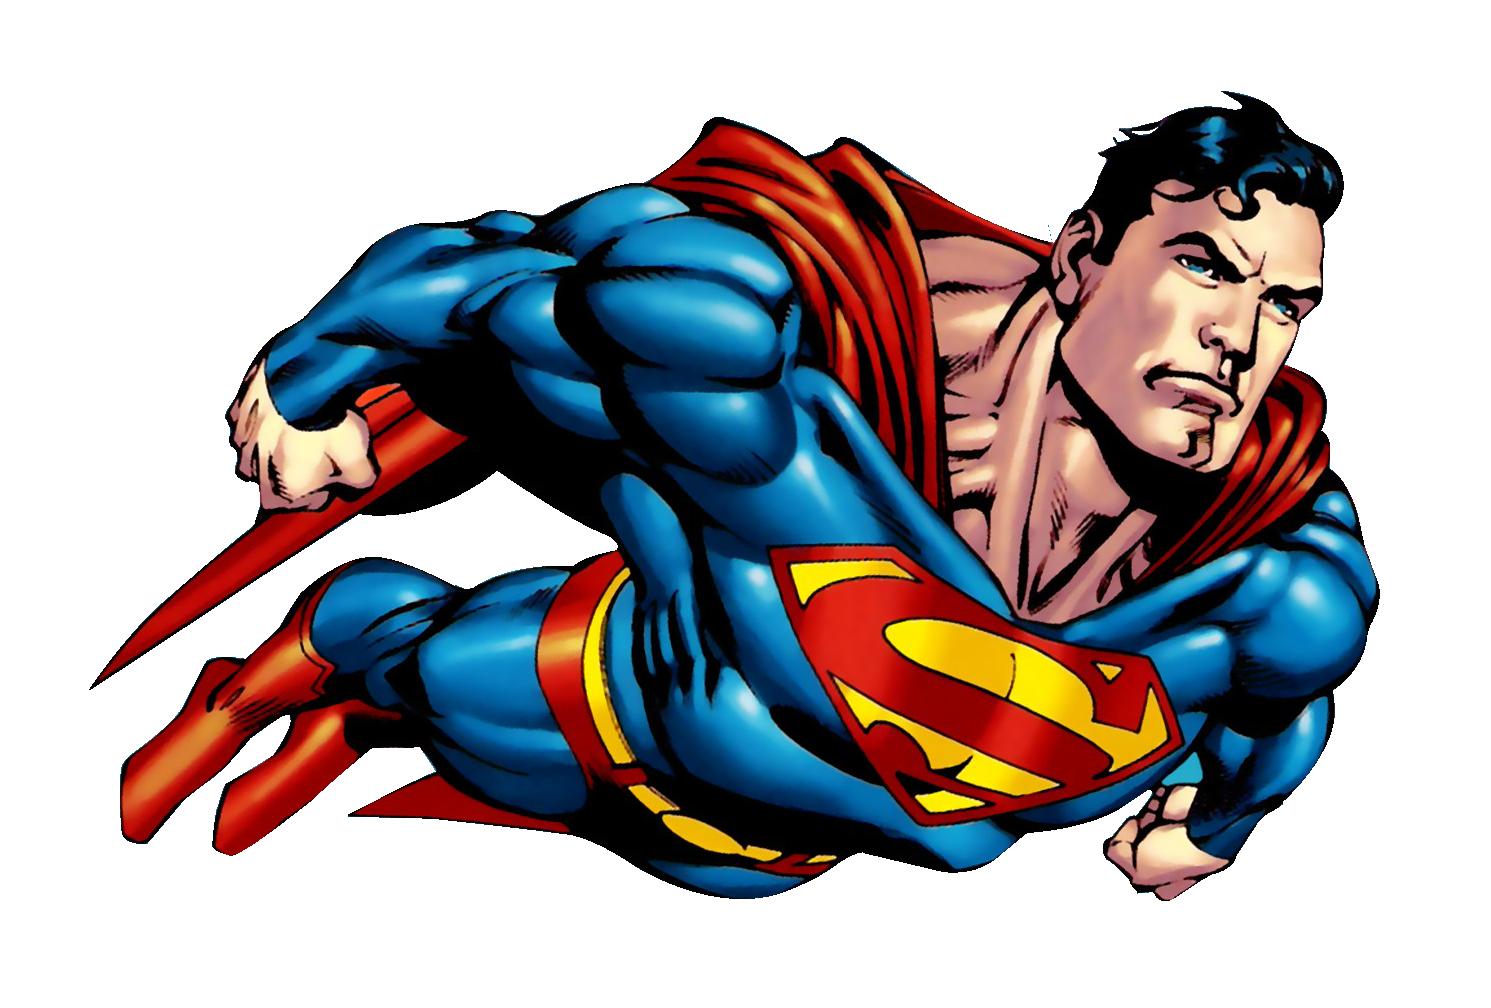 PNG Superhero - 59572